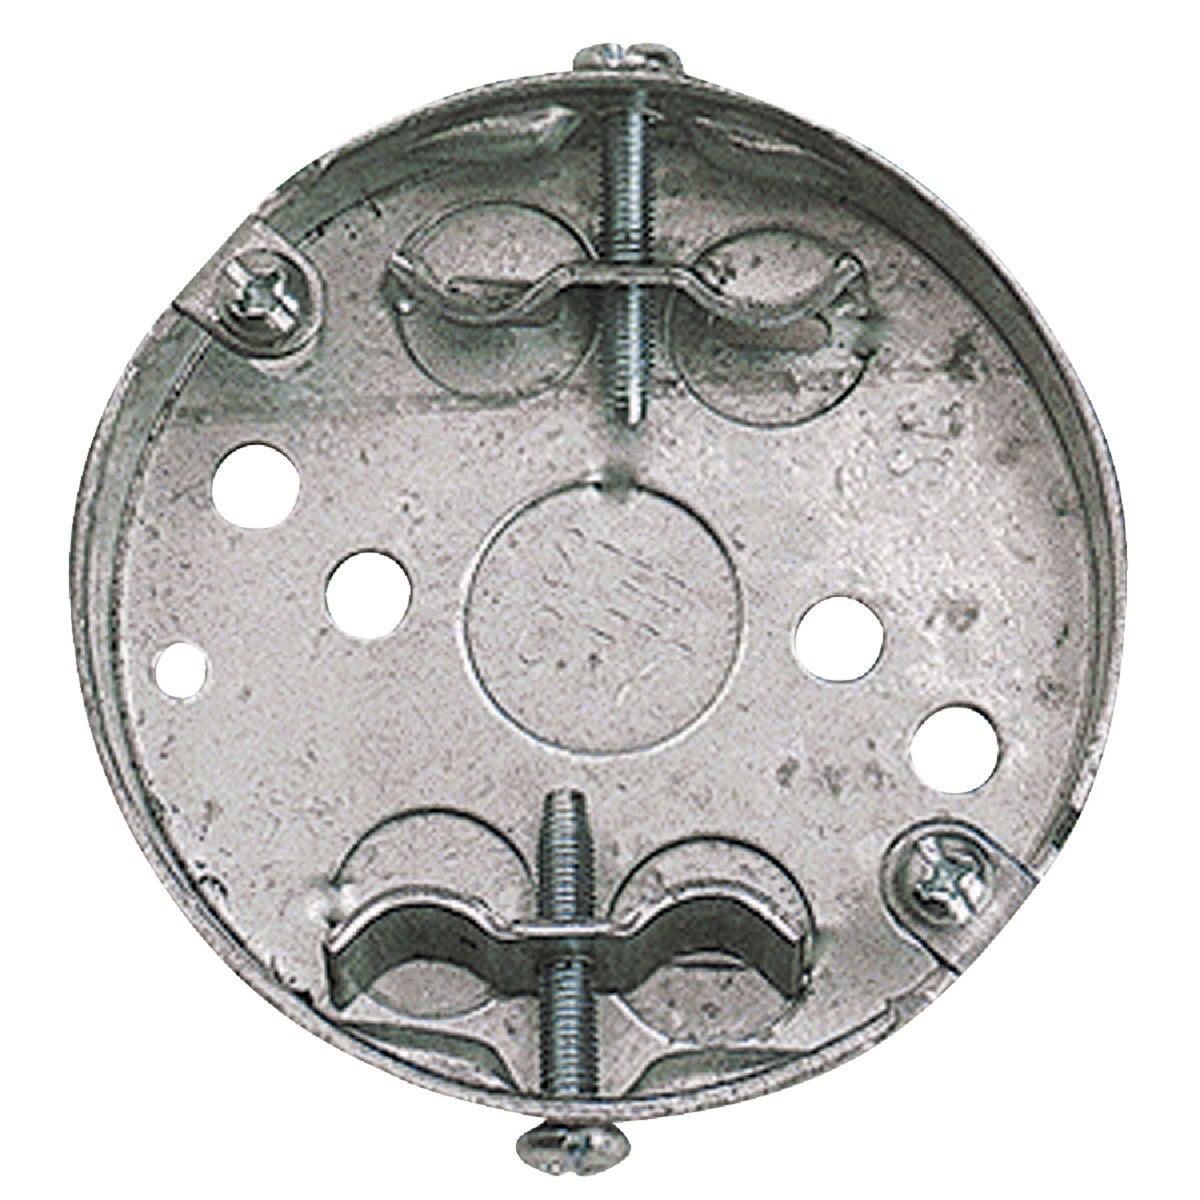 3-1/2X3/4 CEILING PAN